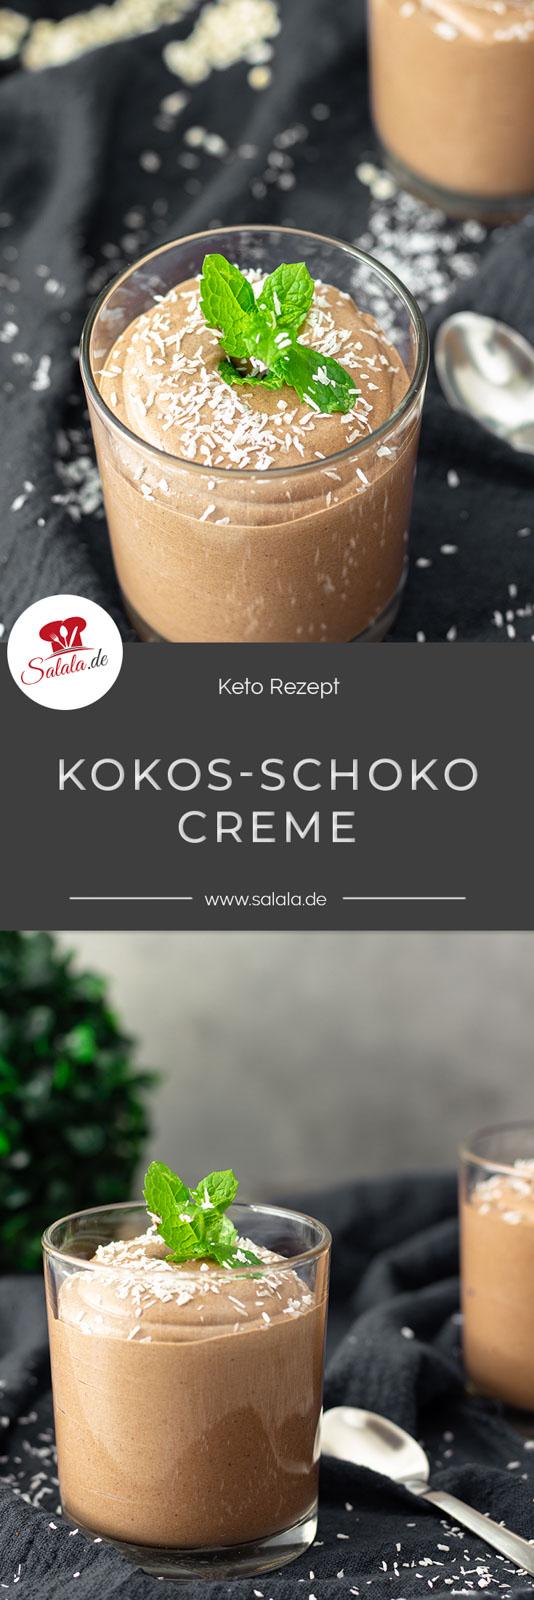 Ohja, auch beim Fettfasten darf man Naschen und wie :). Stell dir mal vor, du machst eine Creme aus süßer Kokosmilch und würzt das mit einem Hauch Zimt und Vanille. Zum Schluss bekommt die Creme noch ein wenig Farbe, Kakao nämlich. Kannst du's schon schmecken? Ganz zart schmelzend und herrlich cremig. So ein richtig perfektes Dessert mit wenig Kohlenhydraten.  #fettfasten #ketodessert #lowcarbnachspeise #nachspeiseohnezucker #lowcarbpudding #dessertohnezucker #lowcarbdessert #naschenohnereue #kochenmitkokosmilch #kokosdessert #schokokokosdessert